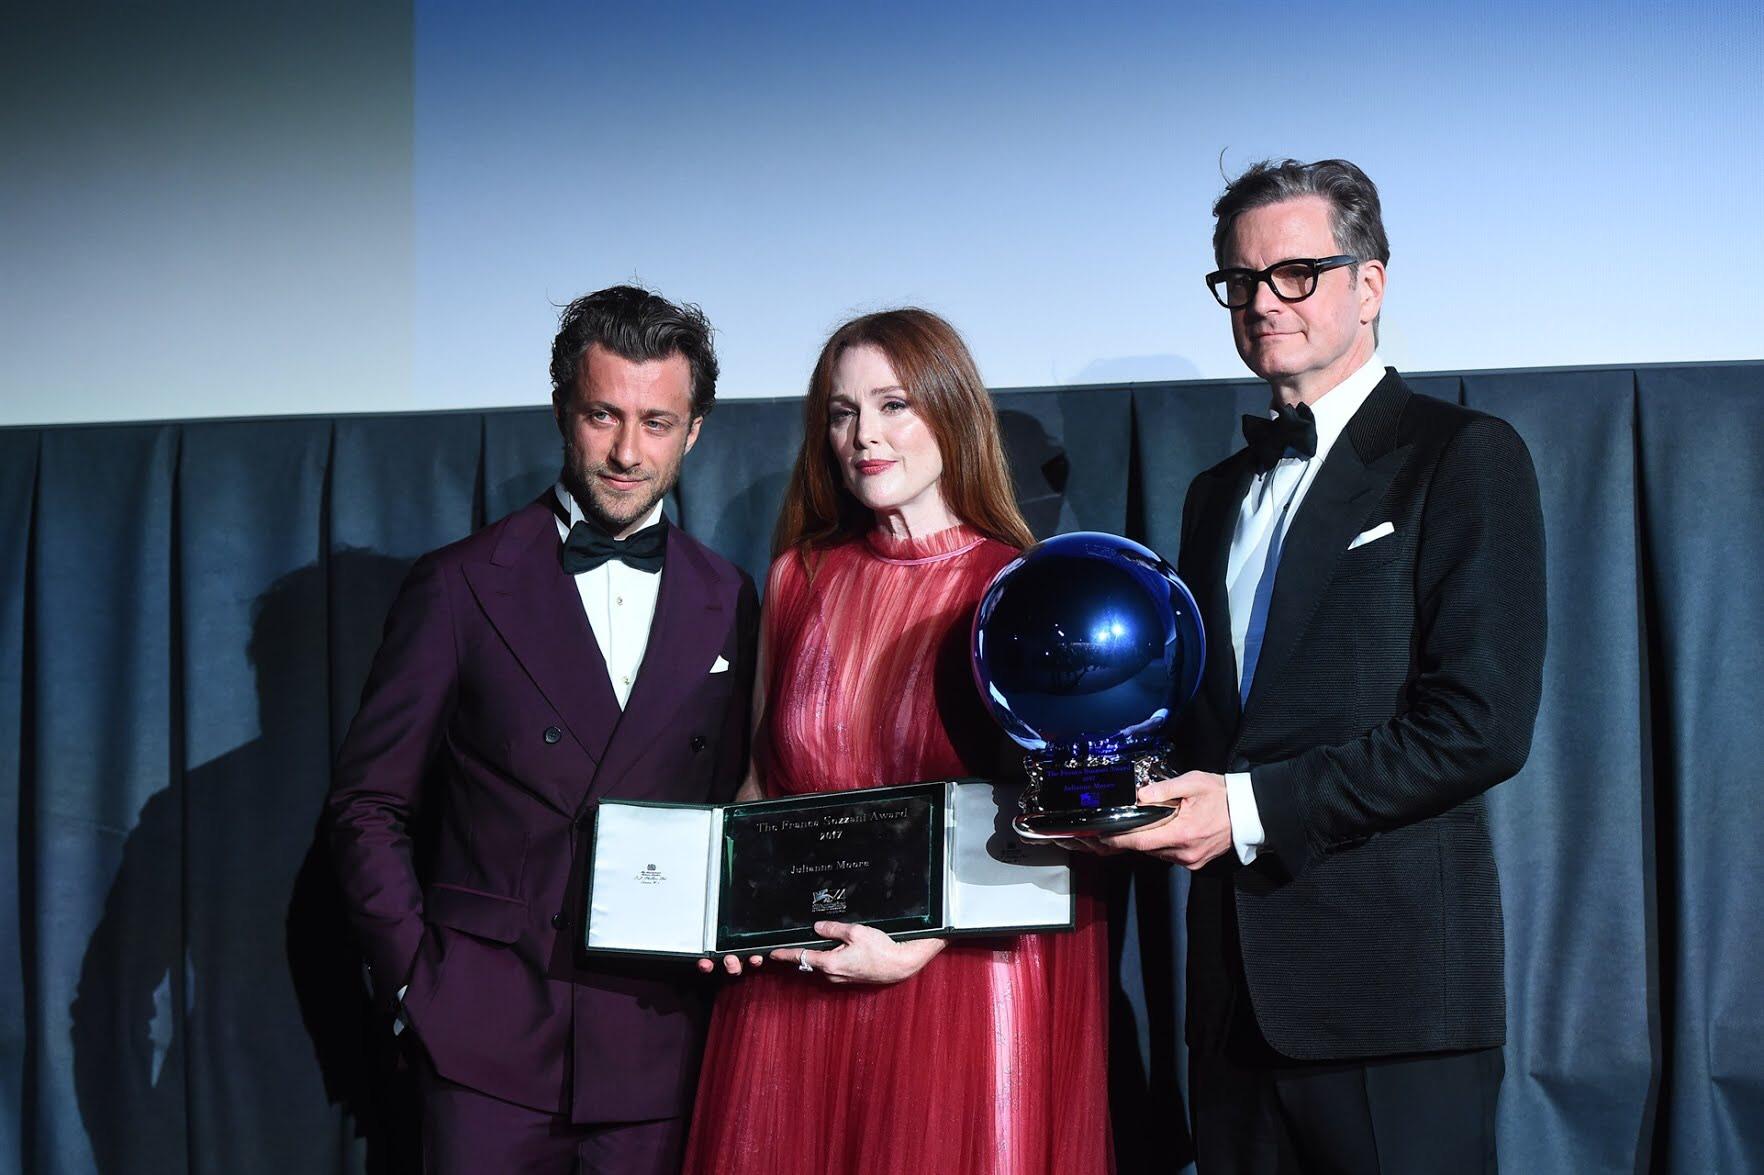 Venezia 2017 - Franca Sozzani award - Colin Firth - Grooming Massimo Serini